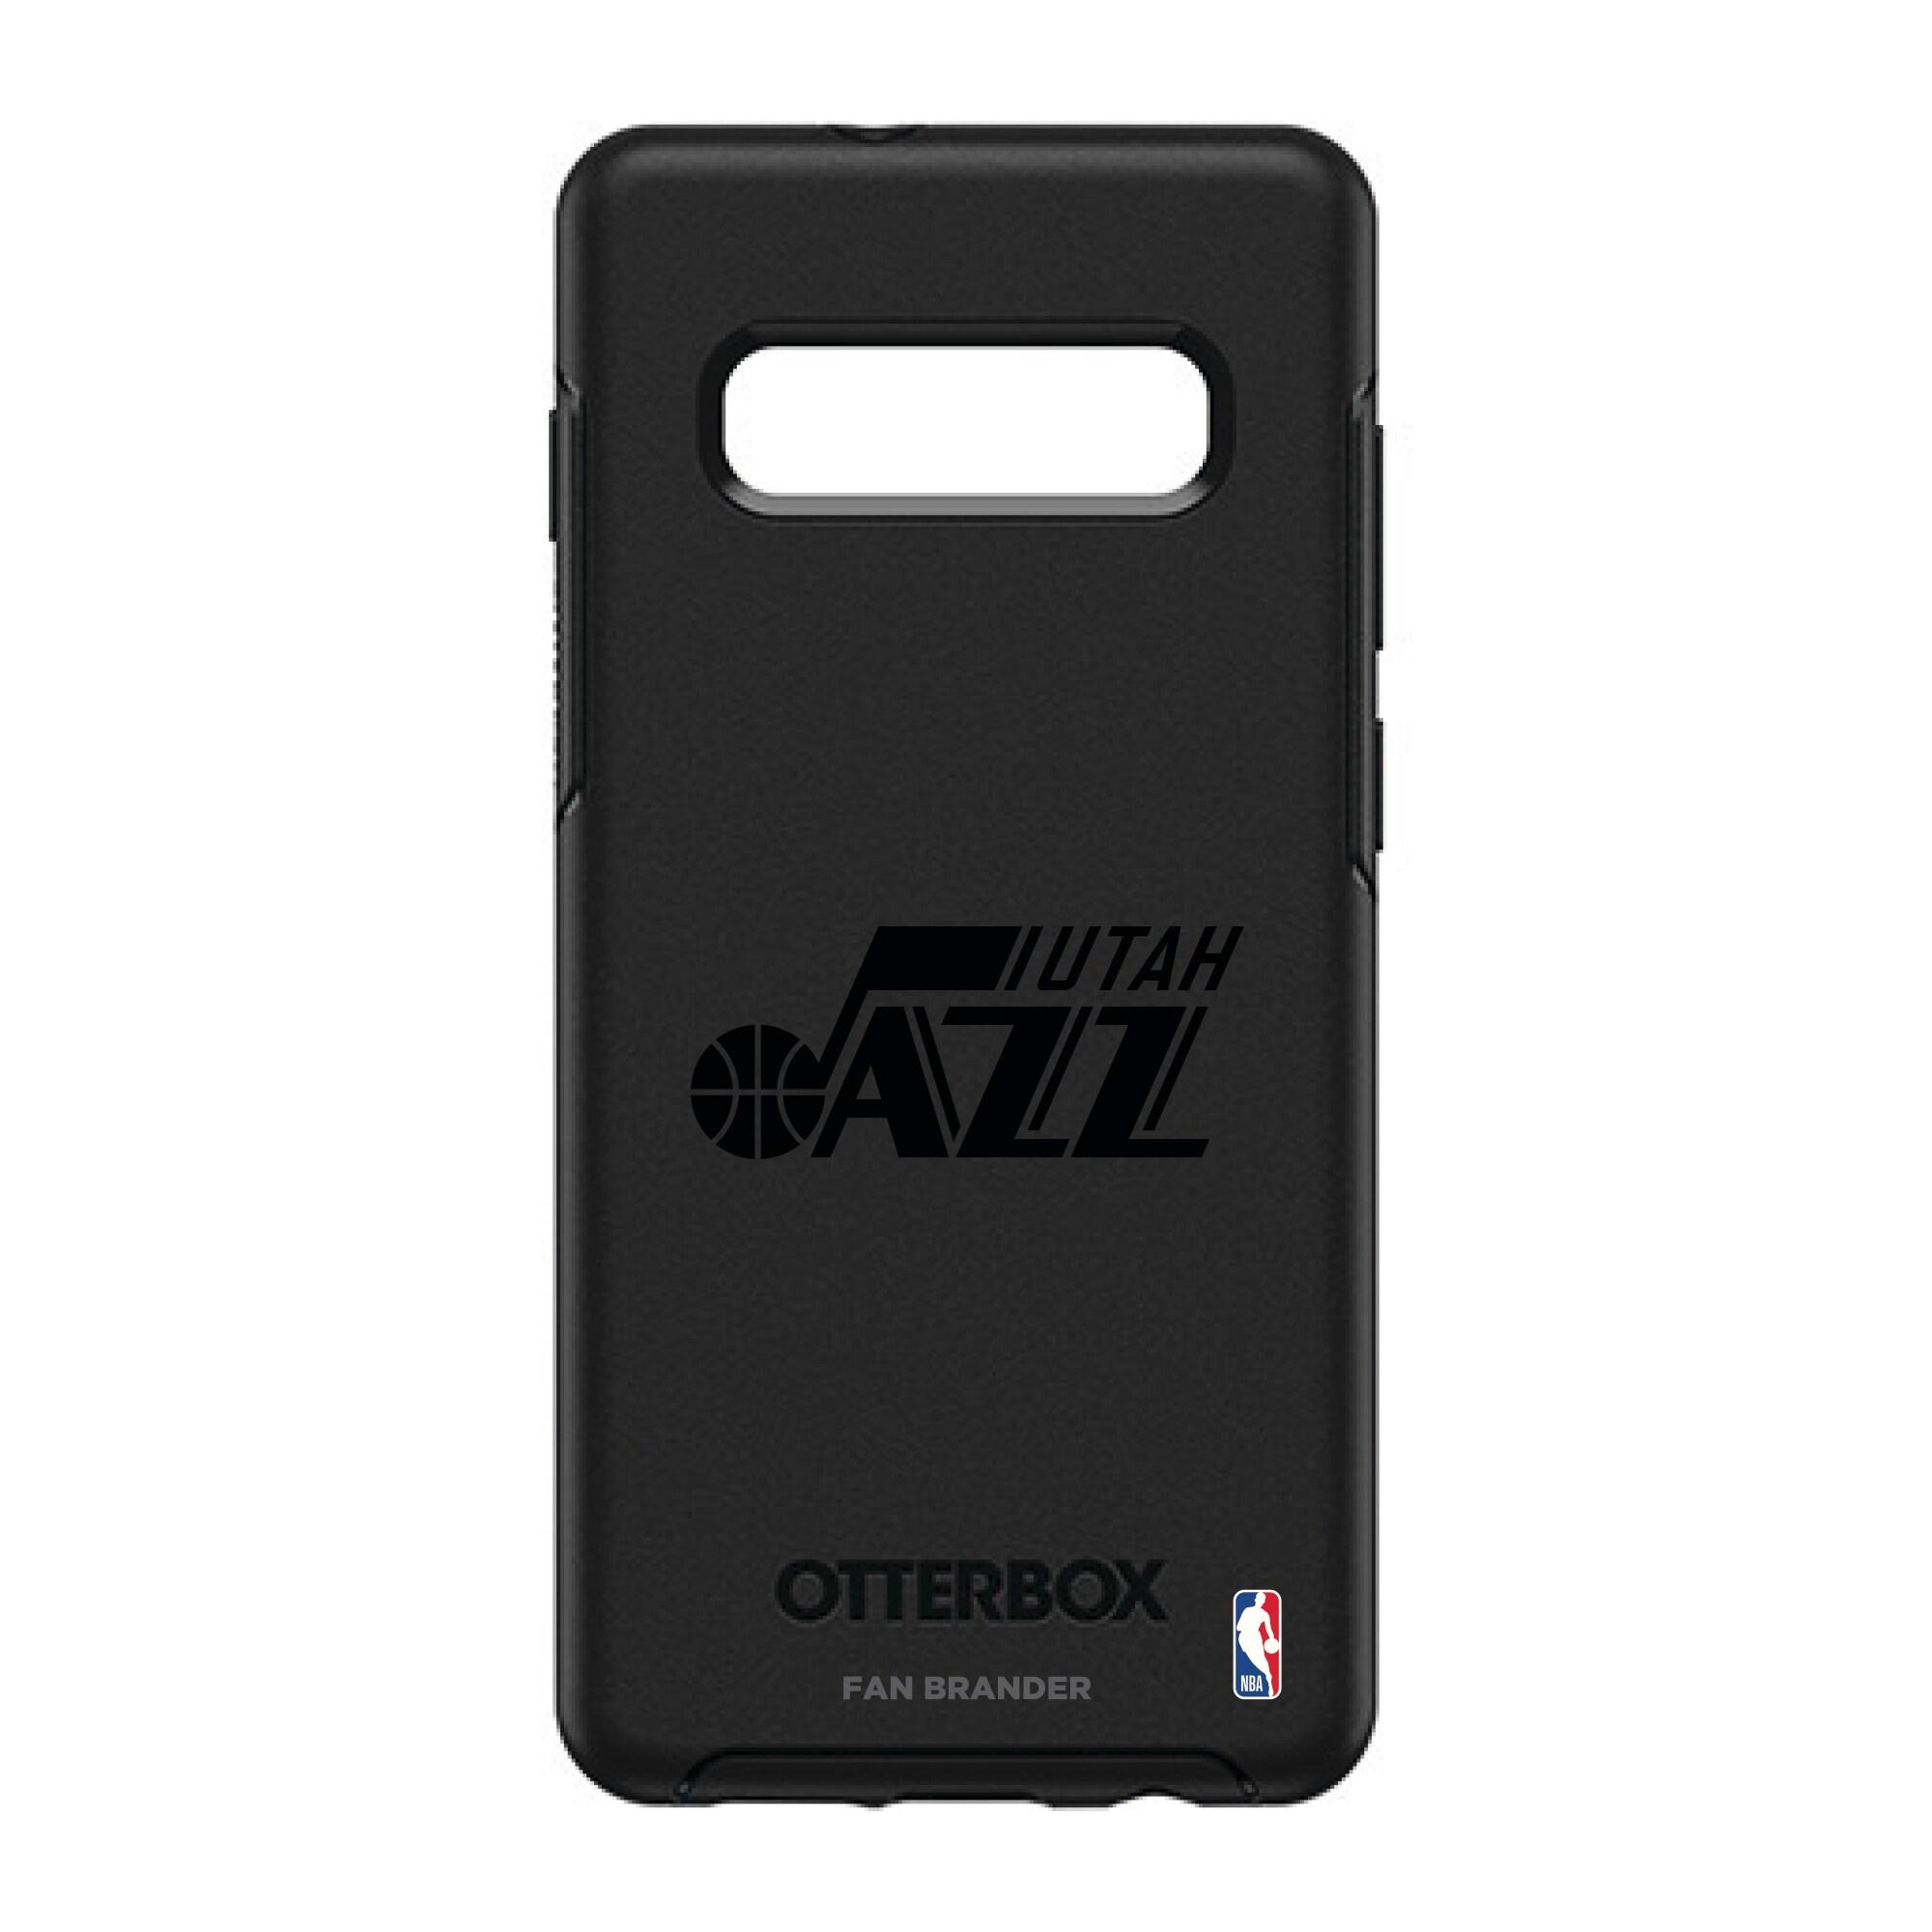 Utah Jazz OtterBox Galaxy Tonal Symmetry Case